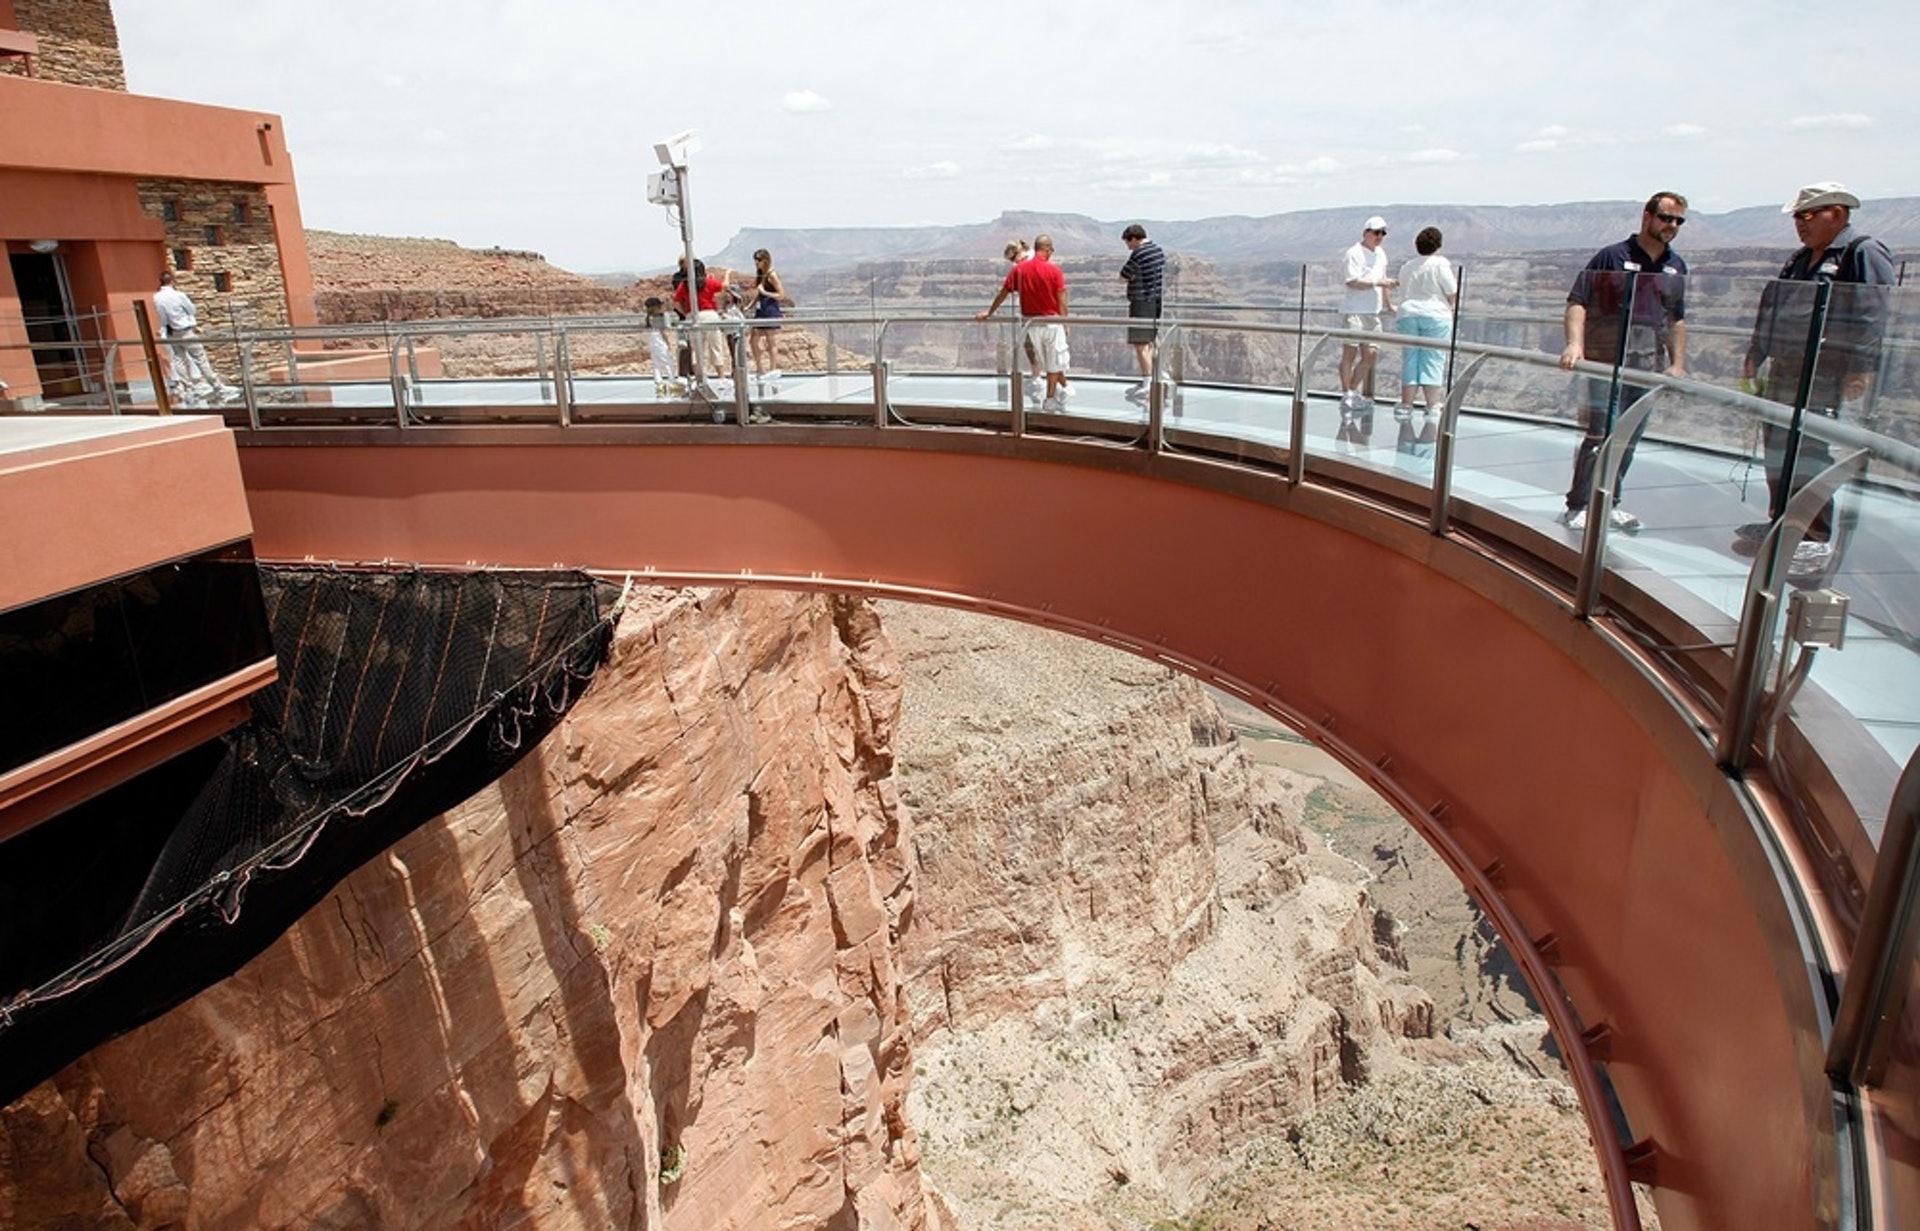 港人墮大峽谷死亡:事發位置是老鷹岩(Eagle Point),它鄰近馬蹄型玻璃天橋(Skywalk)。當地有豎立告示牌,呼籲遊客勿表近邊緣位置。(Getty Images)